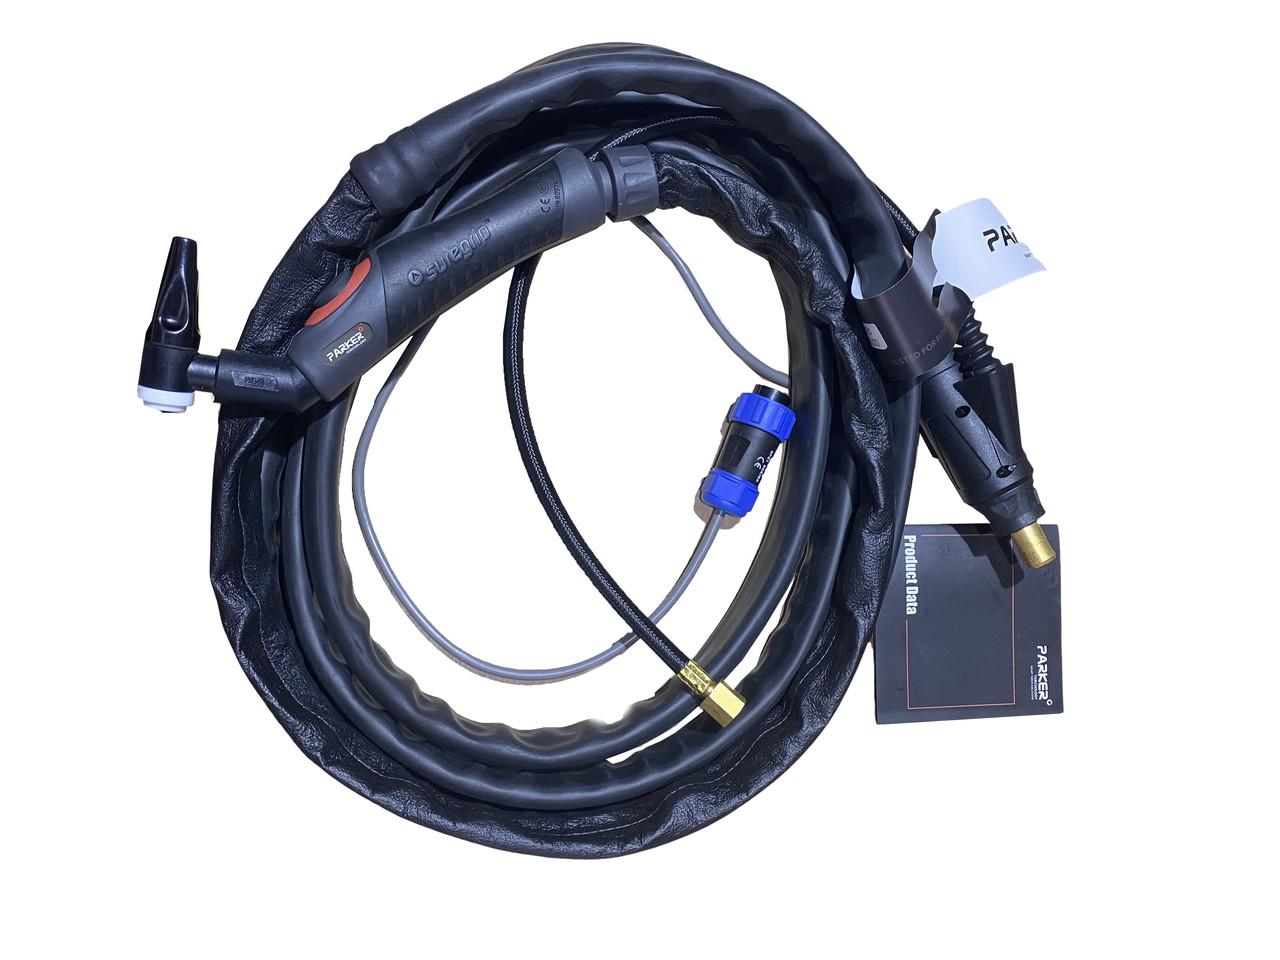 Аргоновая горелка PARKER ( ABITIG-9 )  SGTSF125M-UM9-90-S1-12-SL-GS8-PERCP0BX 4 метра